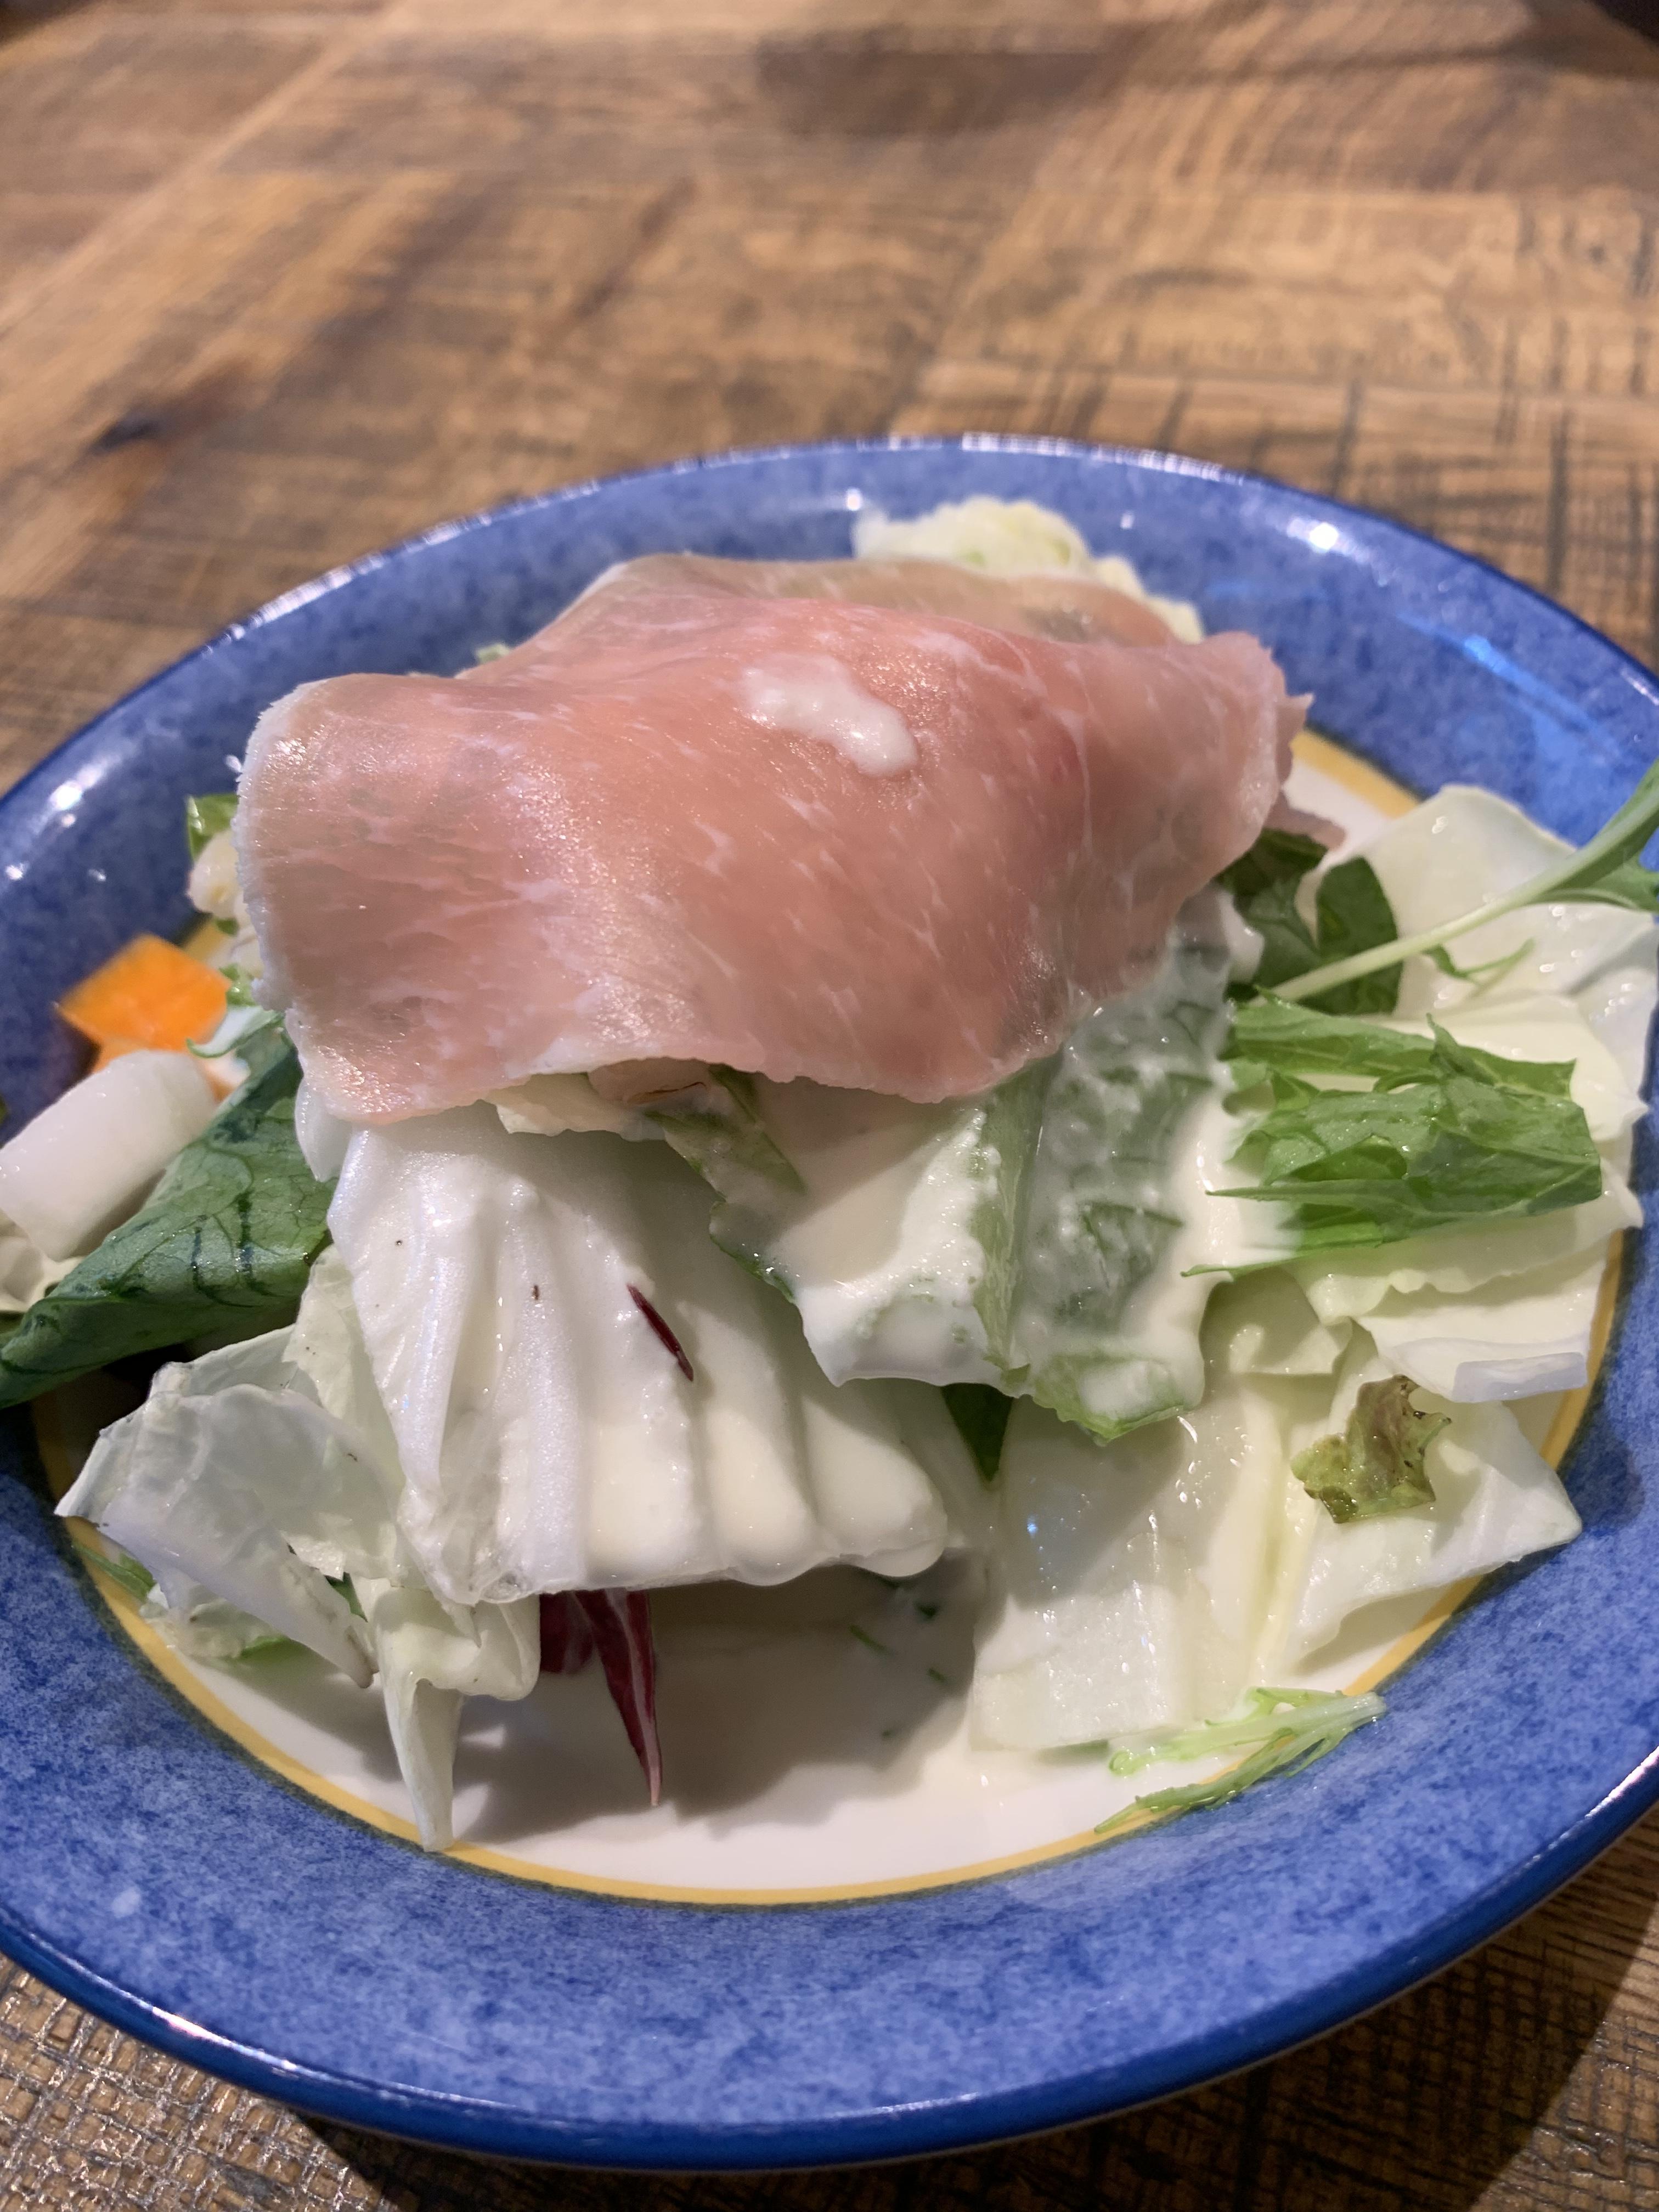 デリリウムカフェ 銀座のランチ「アンガス牛ステーキ&イベリコ豚の低温ローストのお肉2種盛りプレートのサラダ 1,200円(税込)」